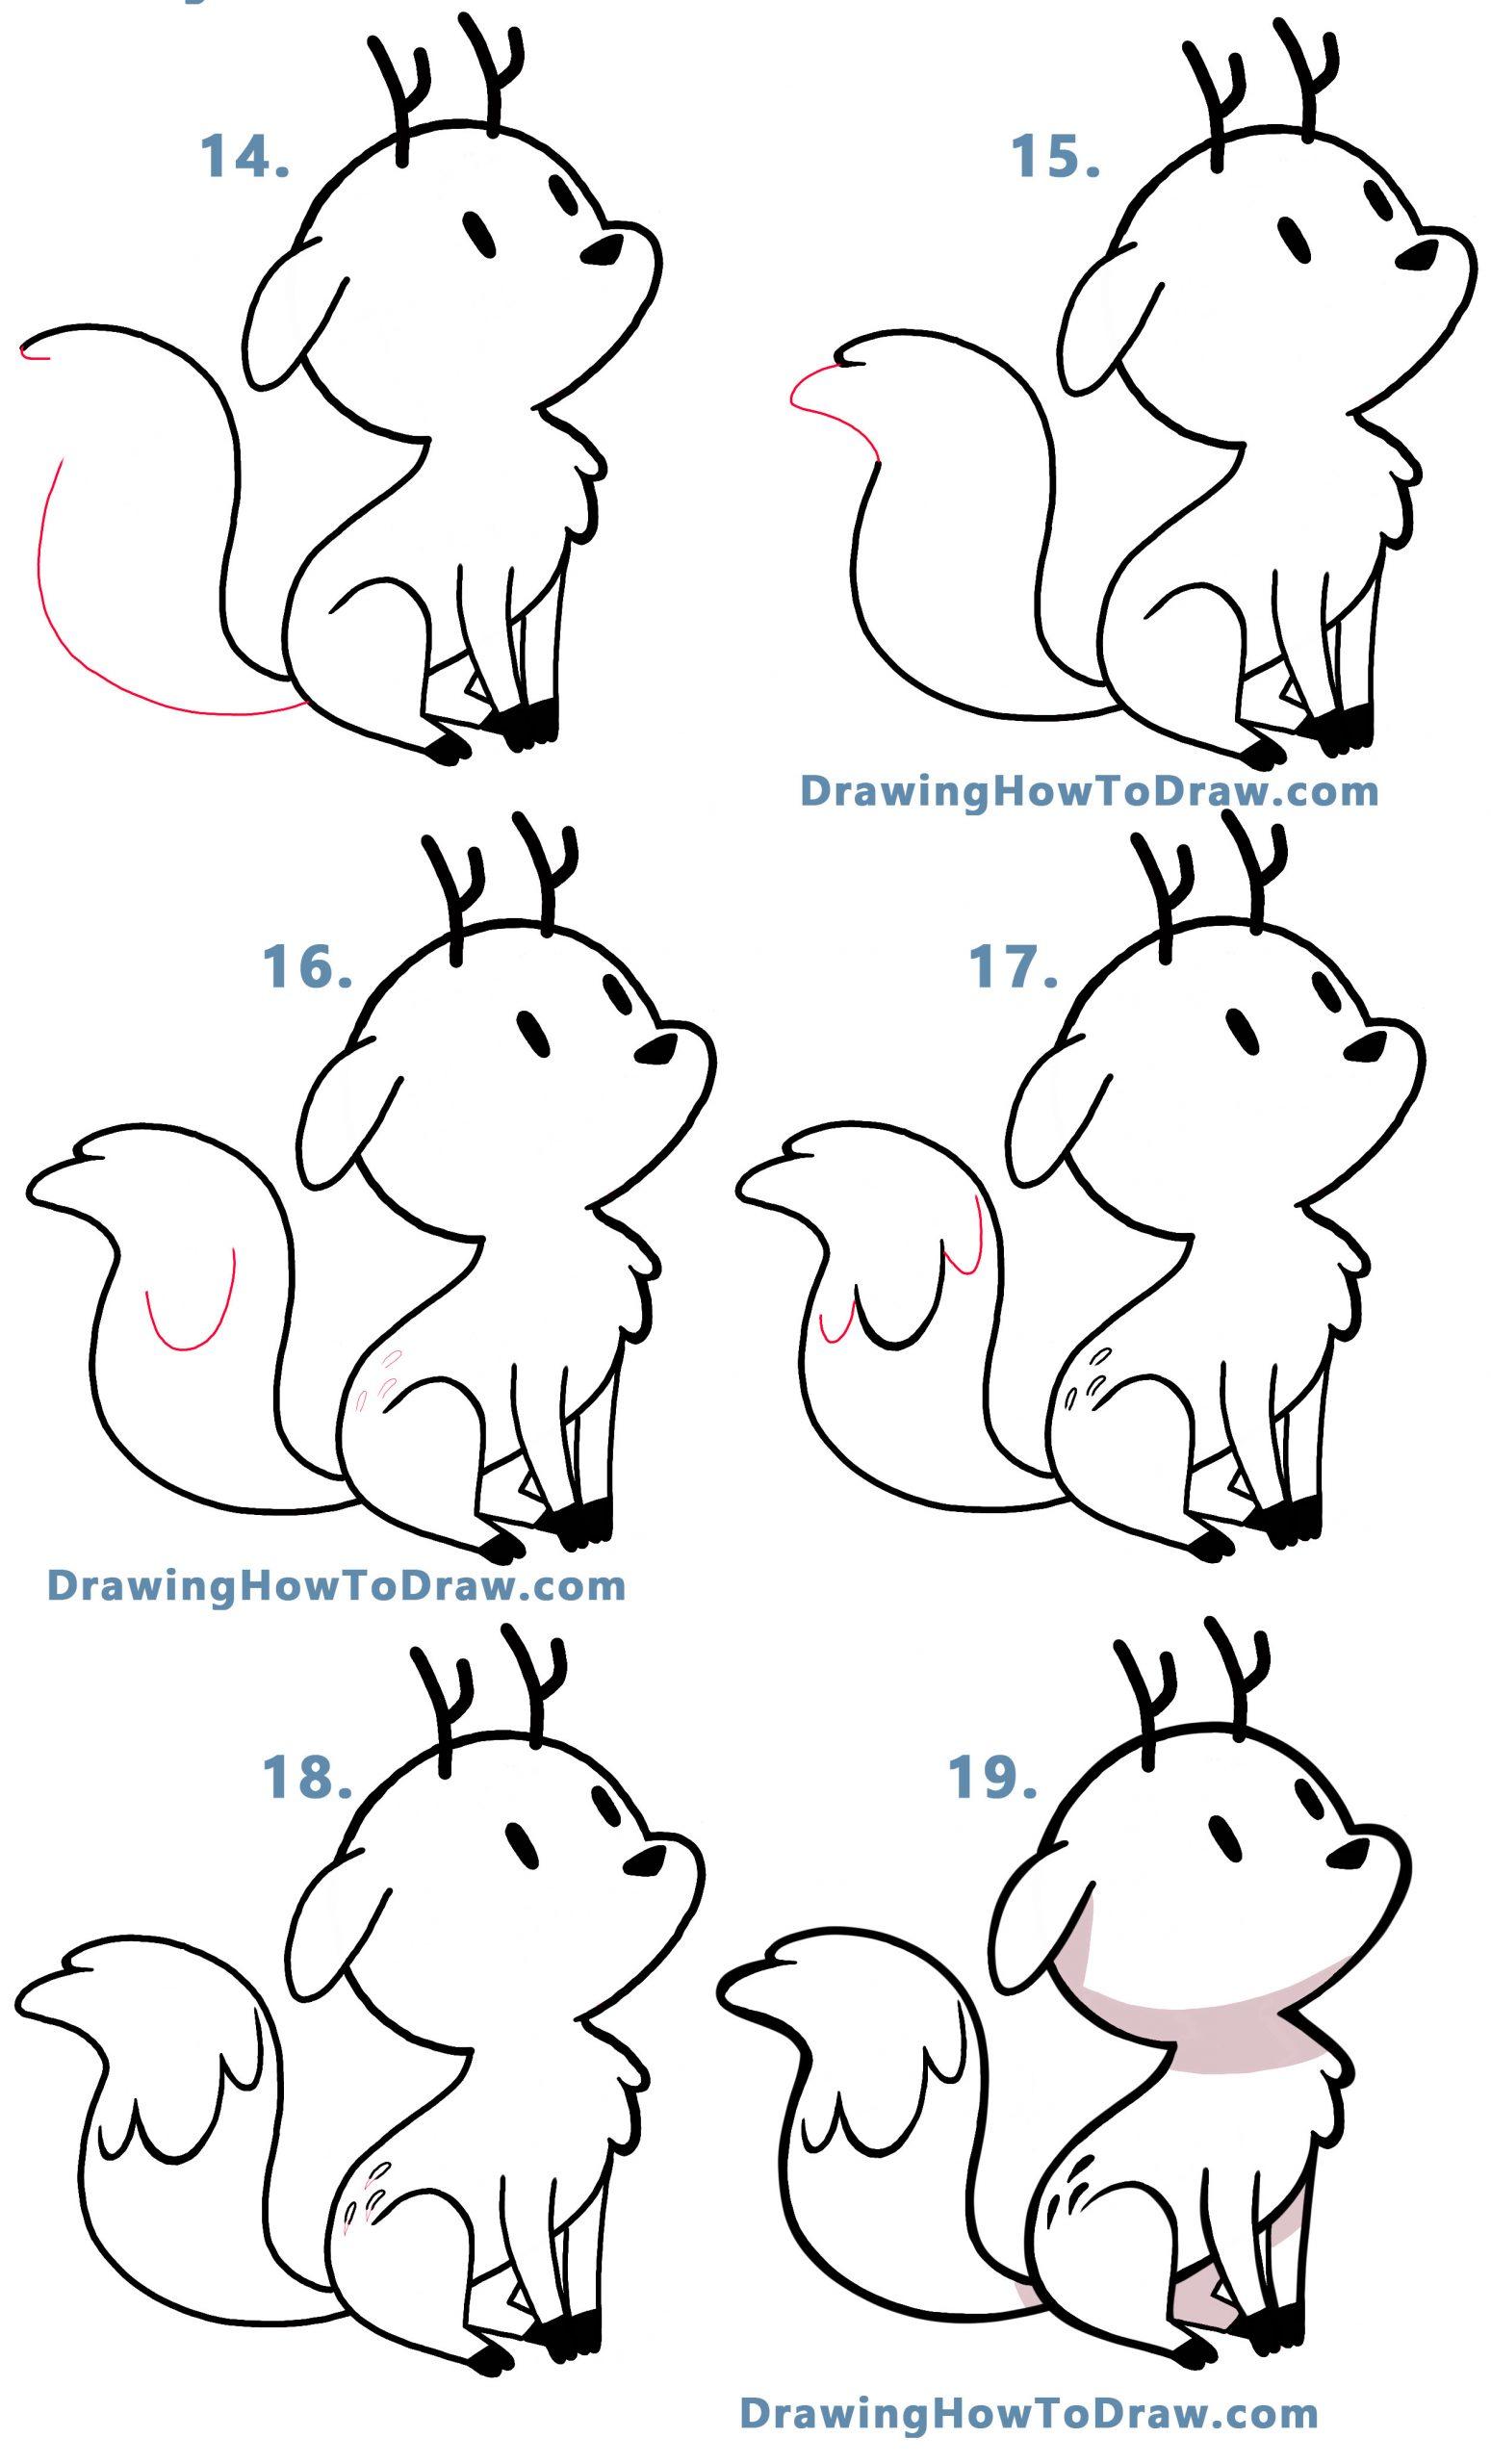 drawing the cute deerfox (deer fox) Twig from the cartoon hilda - easy step by step